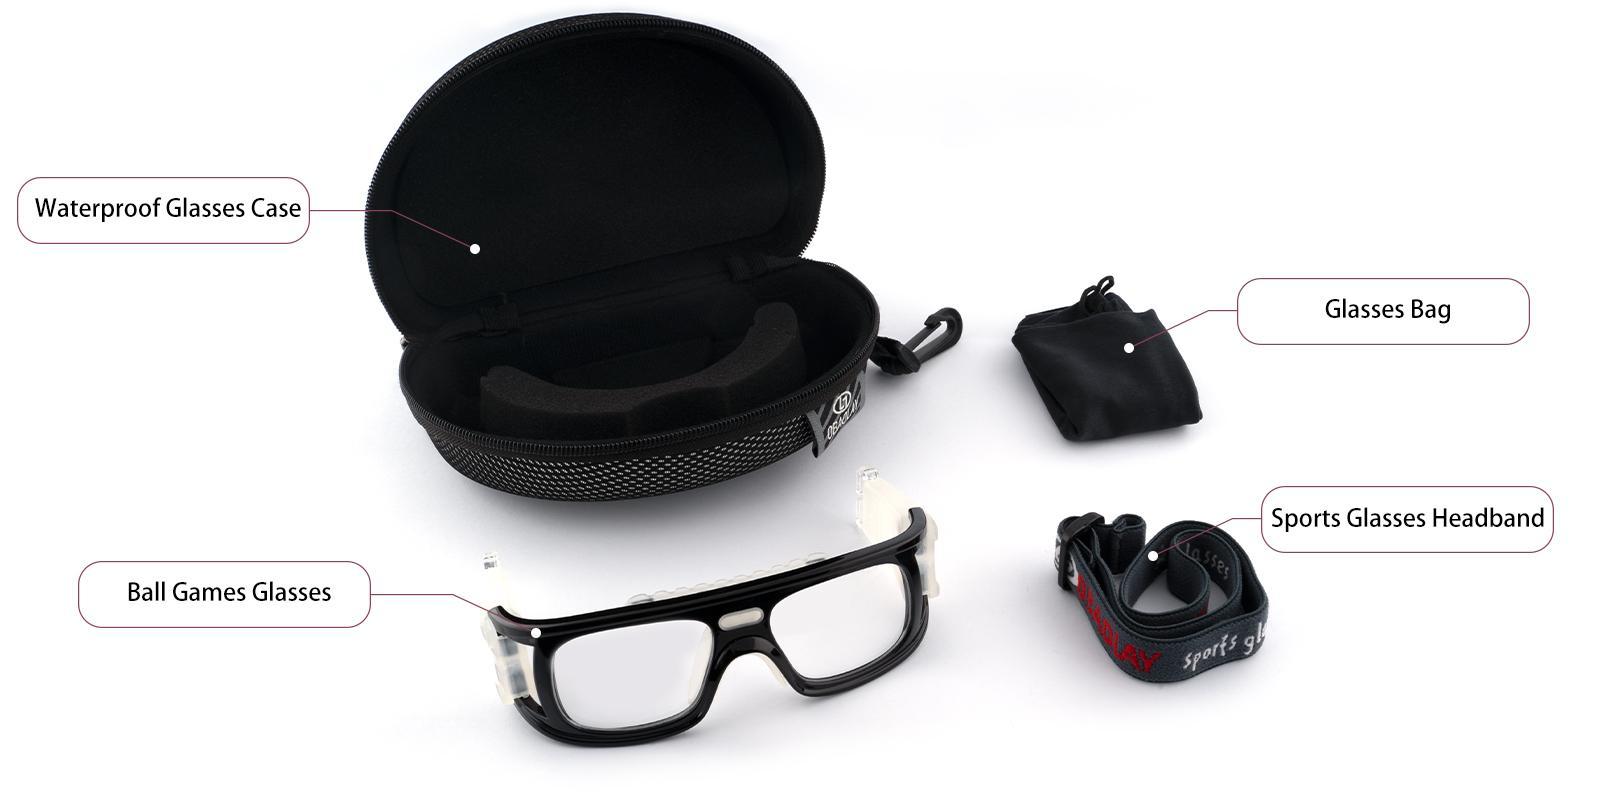 Lock Springs Black Plastic NosePads , SportsGlasses Frames from ABBE Glasses